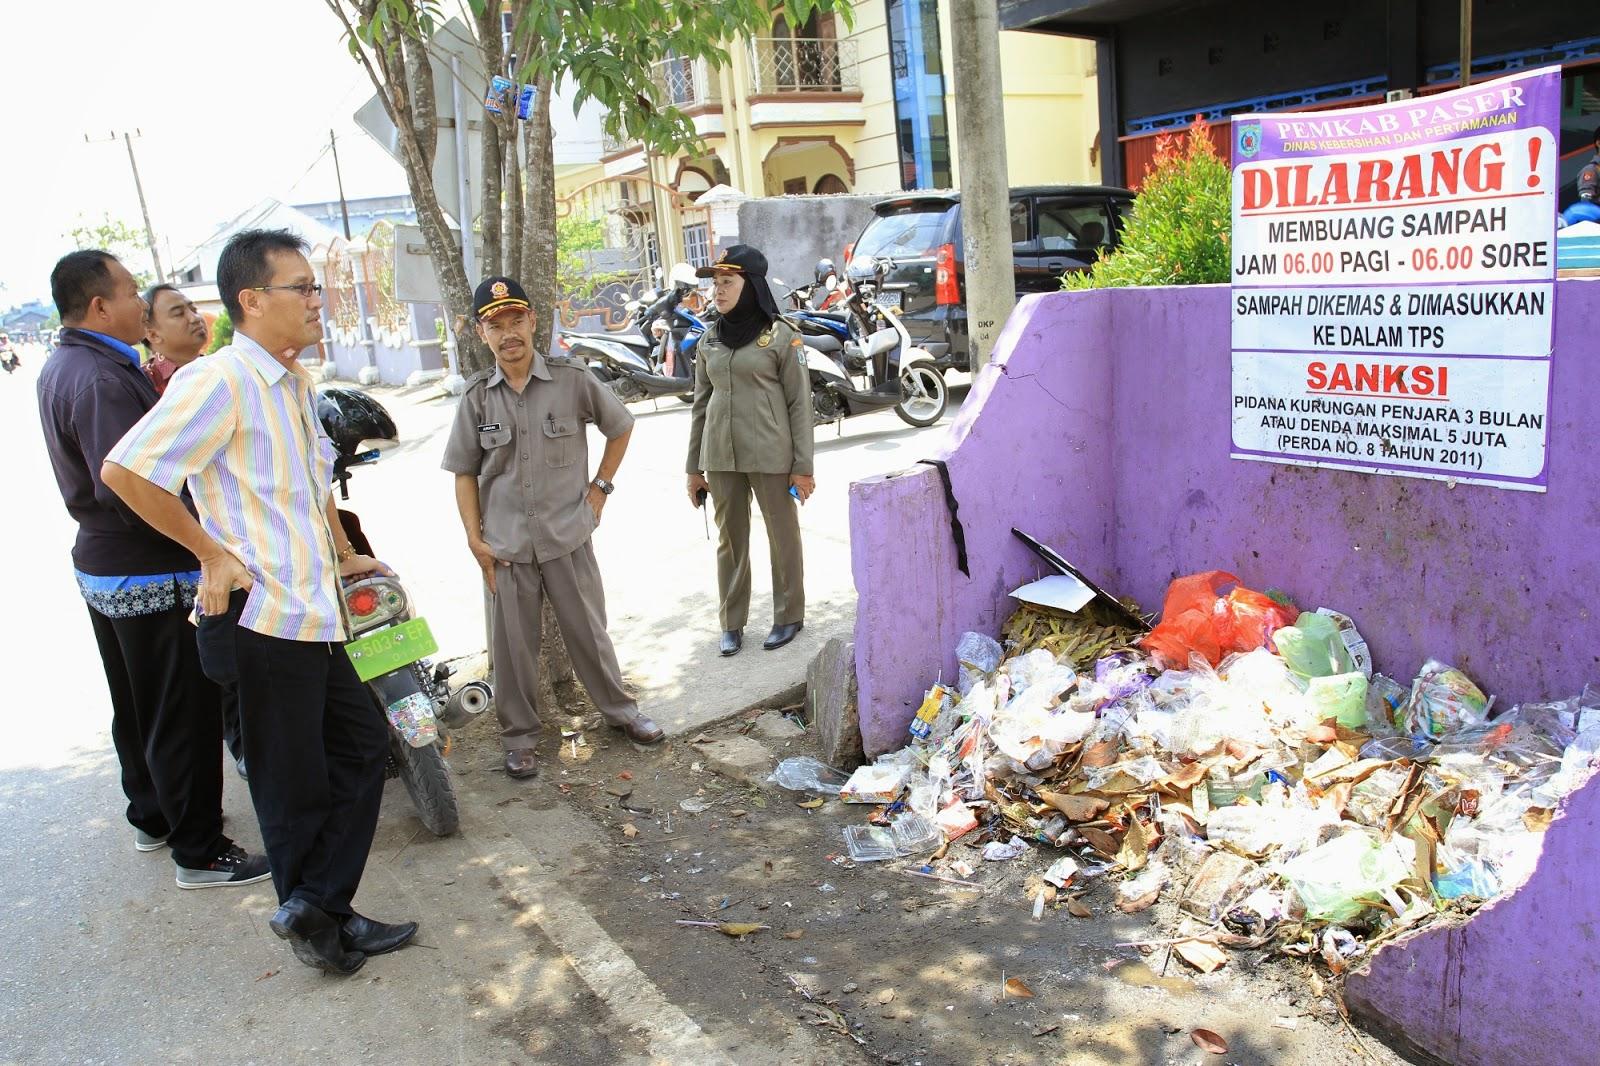 Pemkab Paser sudah memasang sejumlah papan pengumuman larangan membuang sampah di sembarang tempat berdasarkan Perda No. 8/ 2011 dengan denda Rp 50 juta.